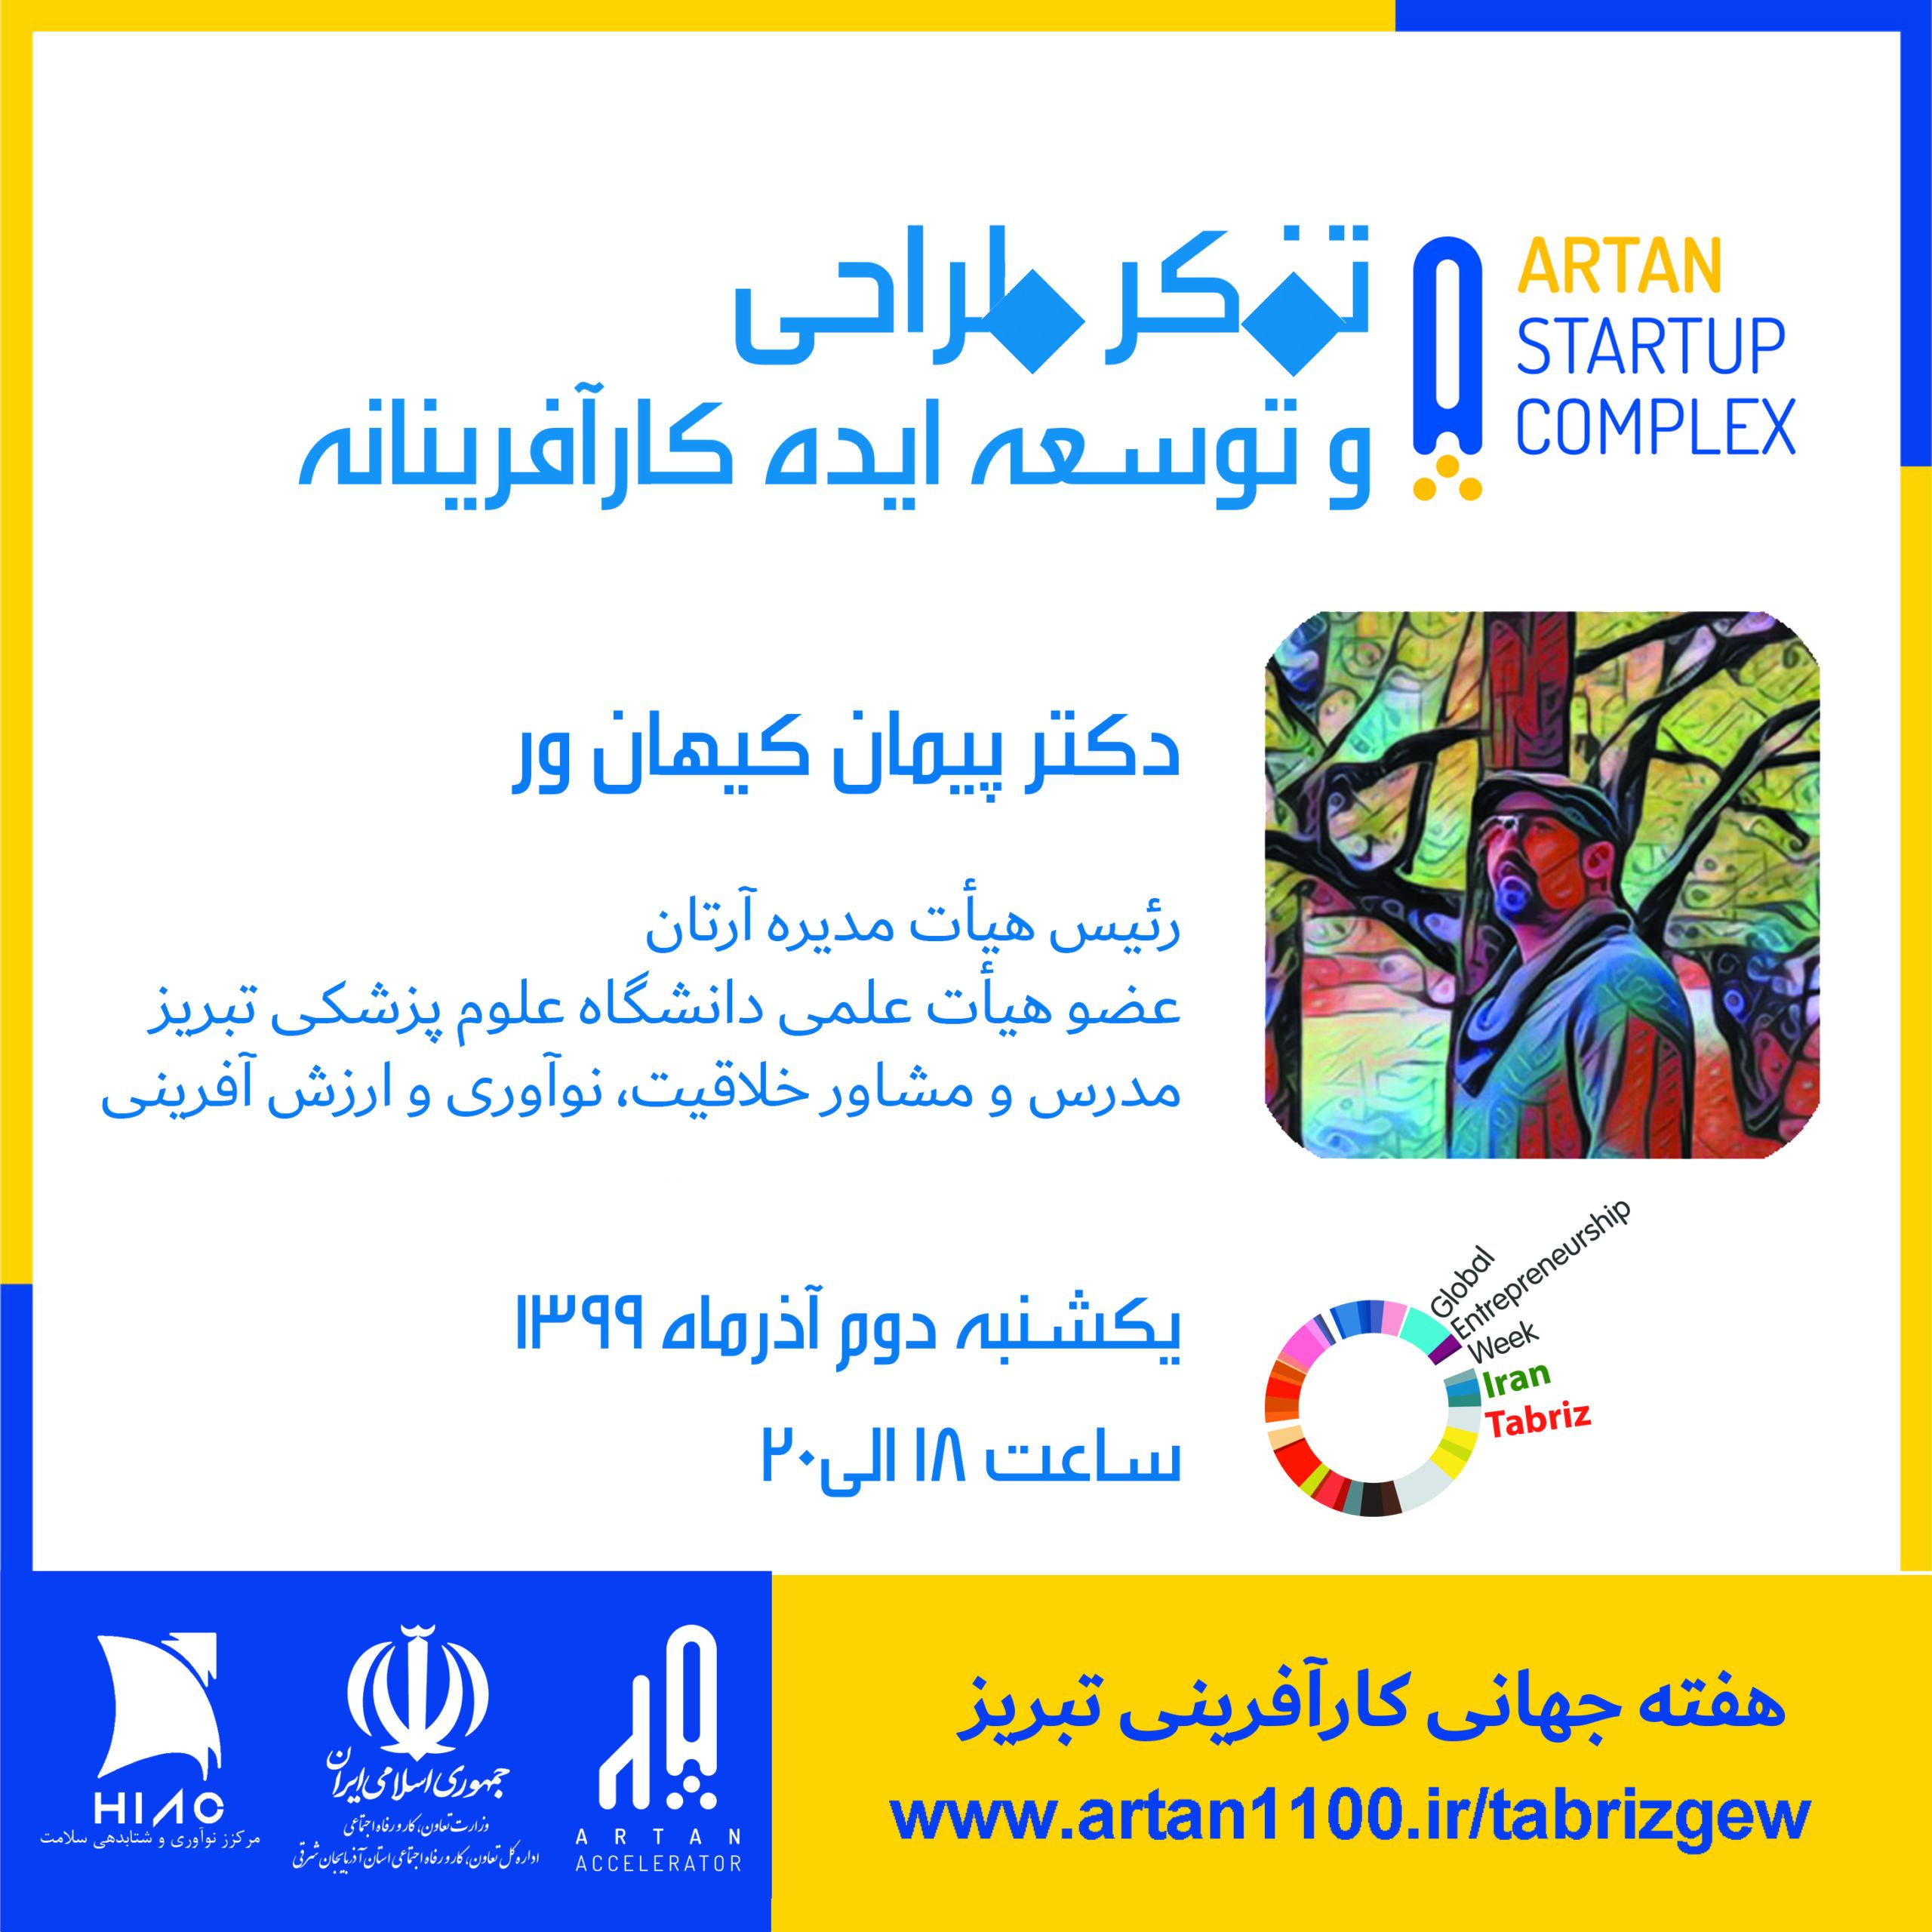 هفته جهانی کارآفرینی تبریز